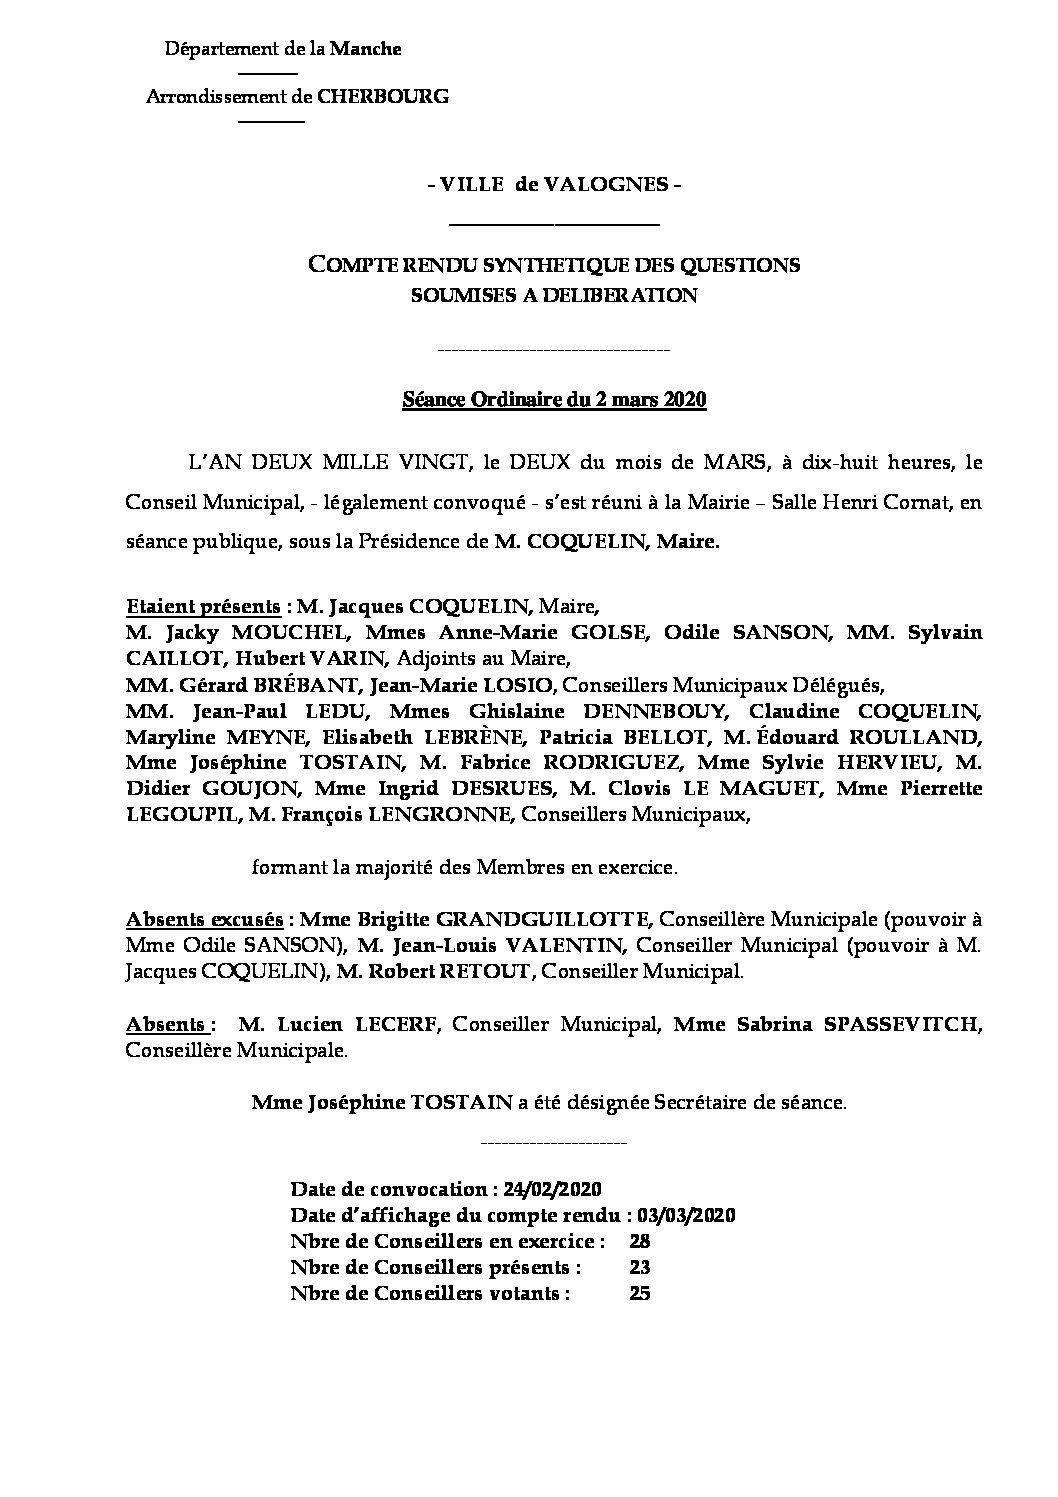 Compte rendu synthétique CM 02 03 20 - Compte rendu synthétique des questions soumises à délibération lors de la séance du Conseil Municipal du 2 mars 2020.